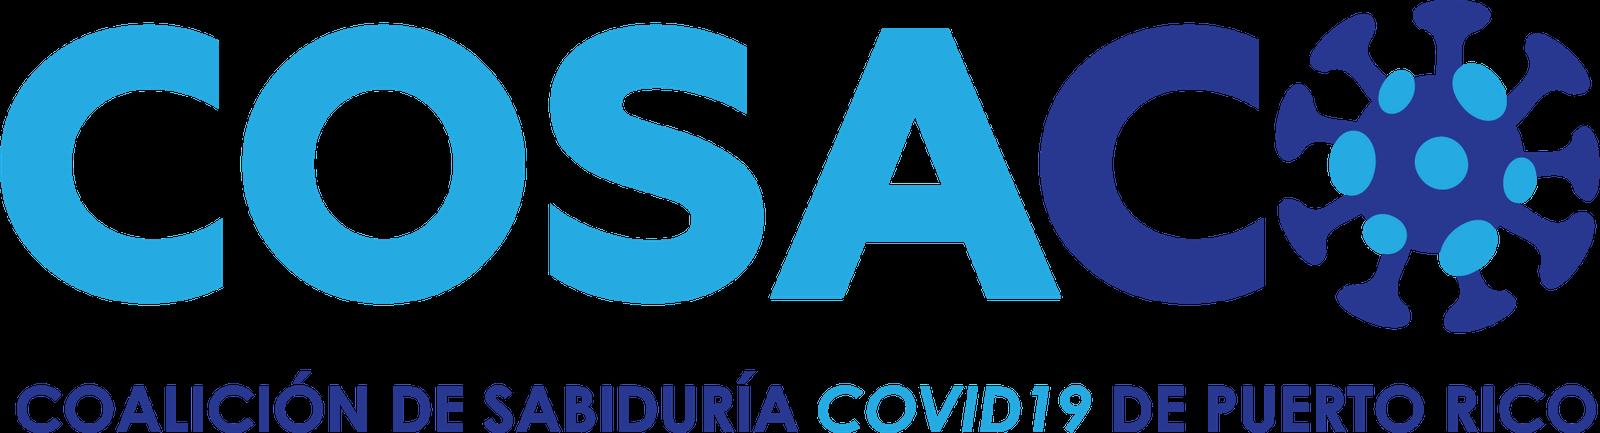 Cosaco Logo